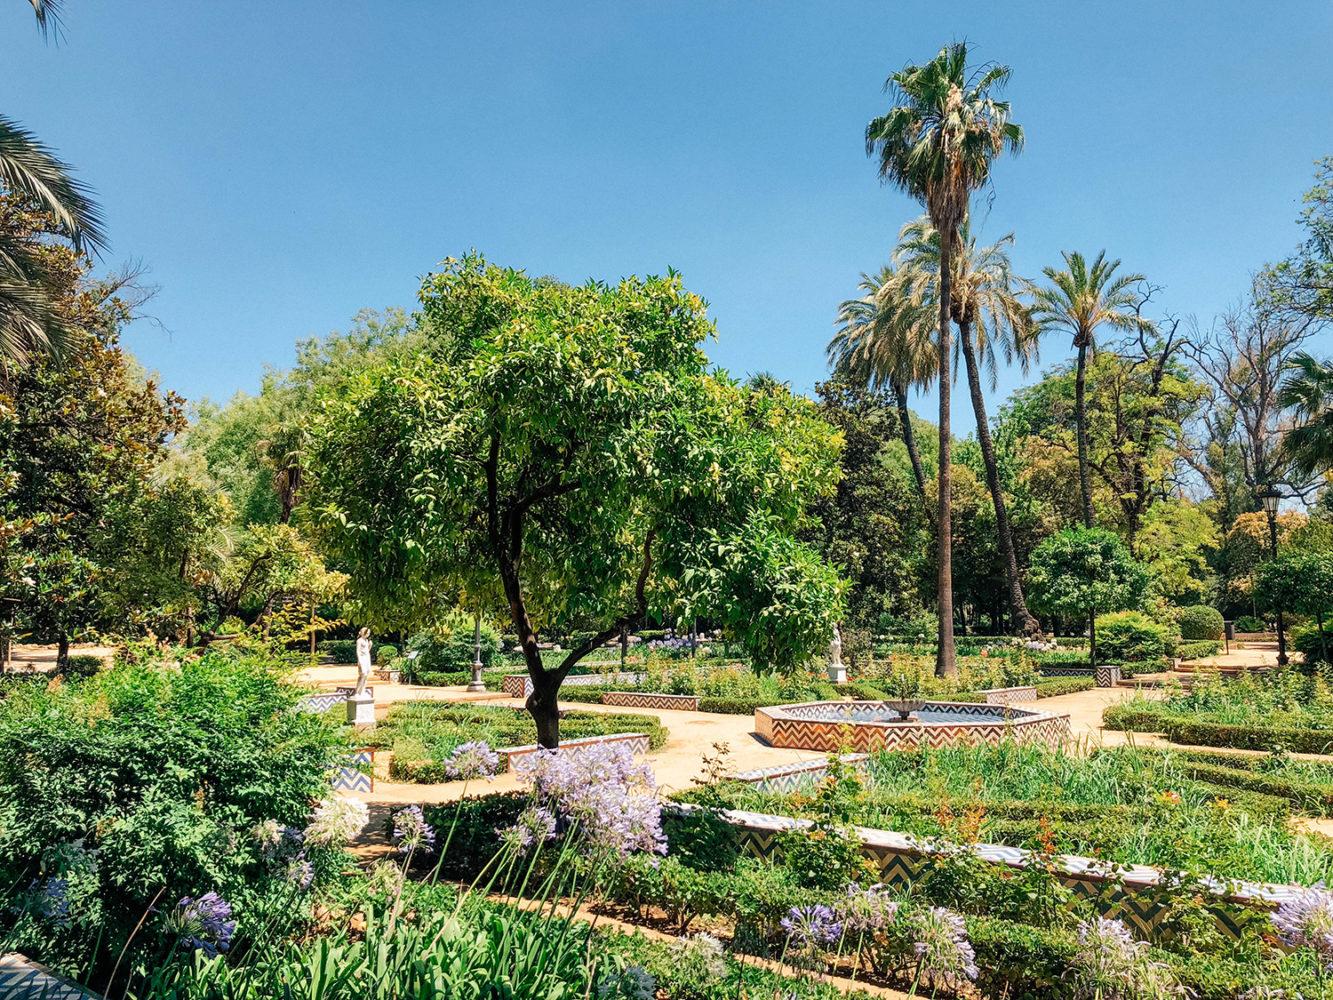 Une verdure luxuriante sur près de 40 hectares